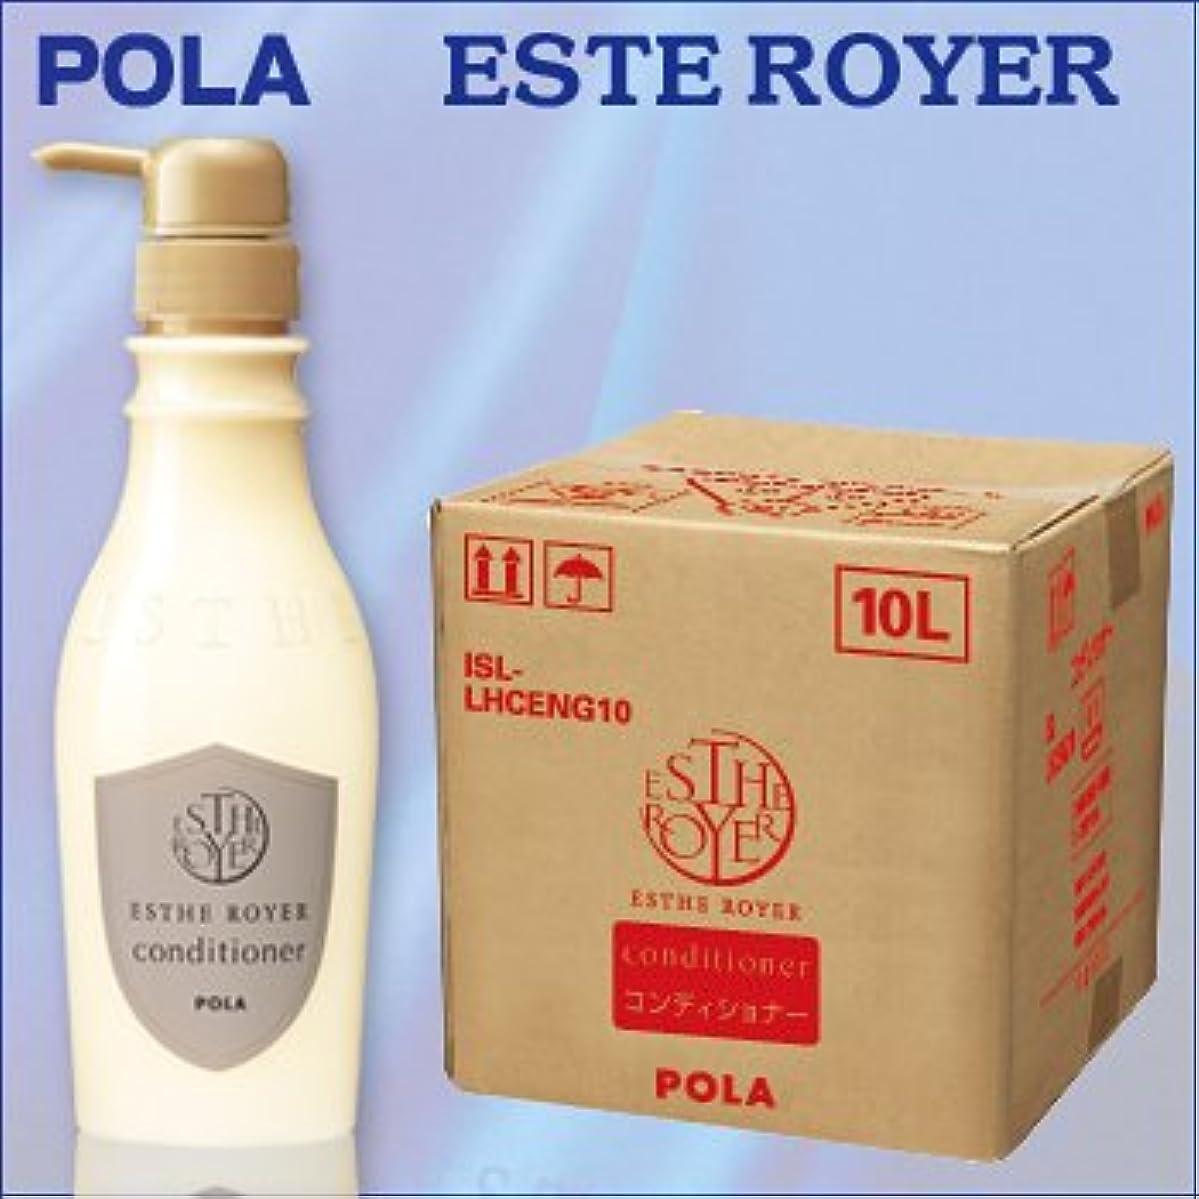 権限を与える群集売り手POLAエステロワイエ 業務用コンディショナー 10L (1セット10L入)